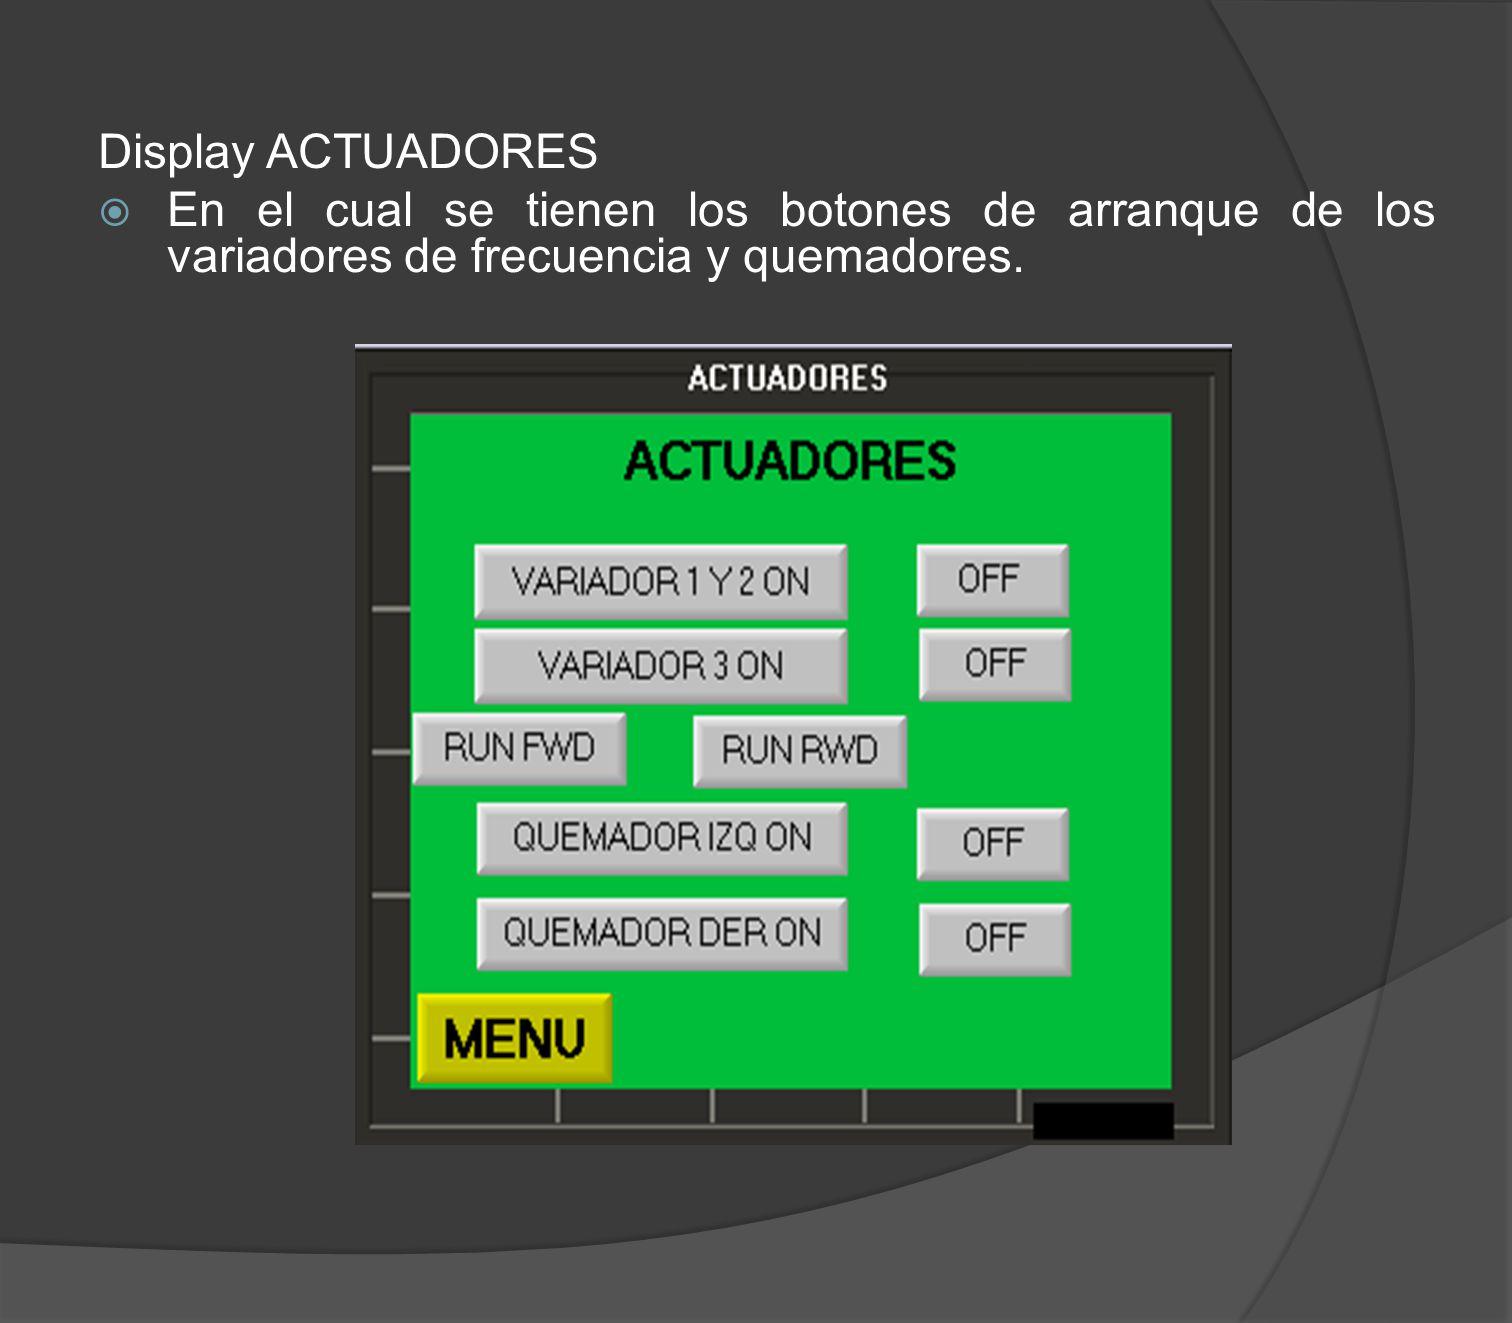 Display ACTUADORES En el cual se tienen los botones de arranque de los variadores de frecuencia y quemadores.